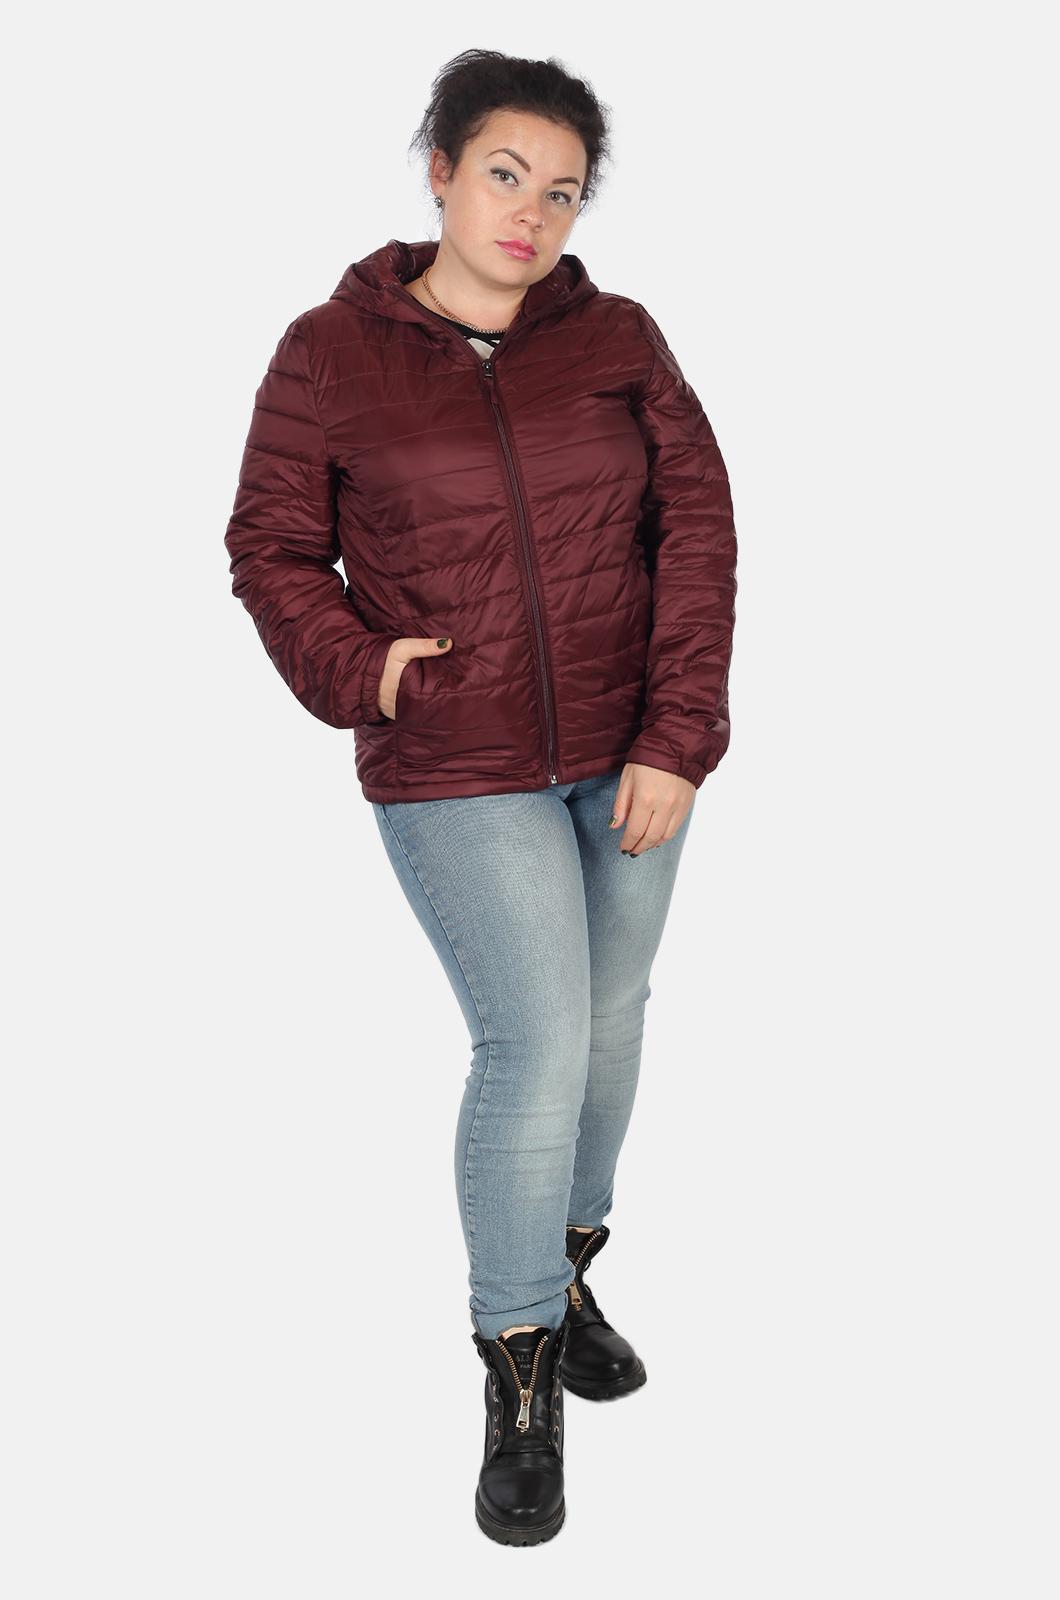 Бордовая короткая женская куртка Rosa Thea (Италия) с удобной доставкой